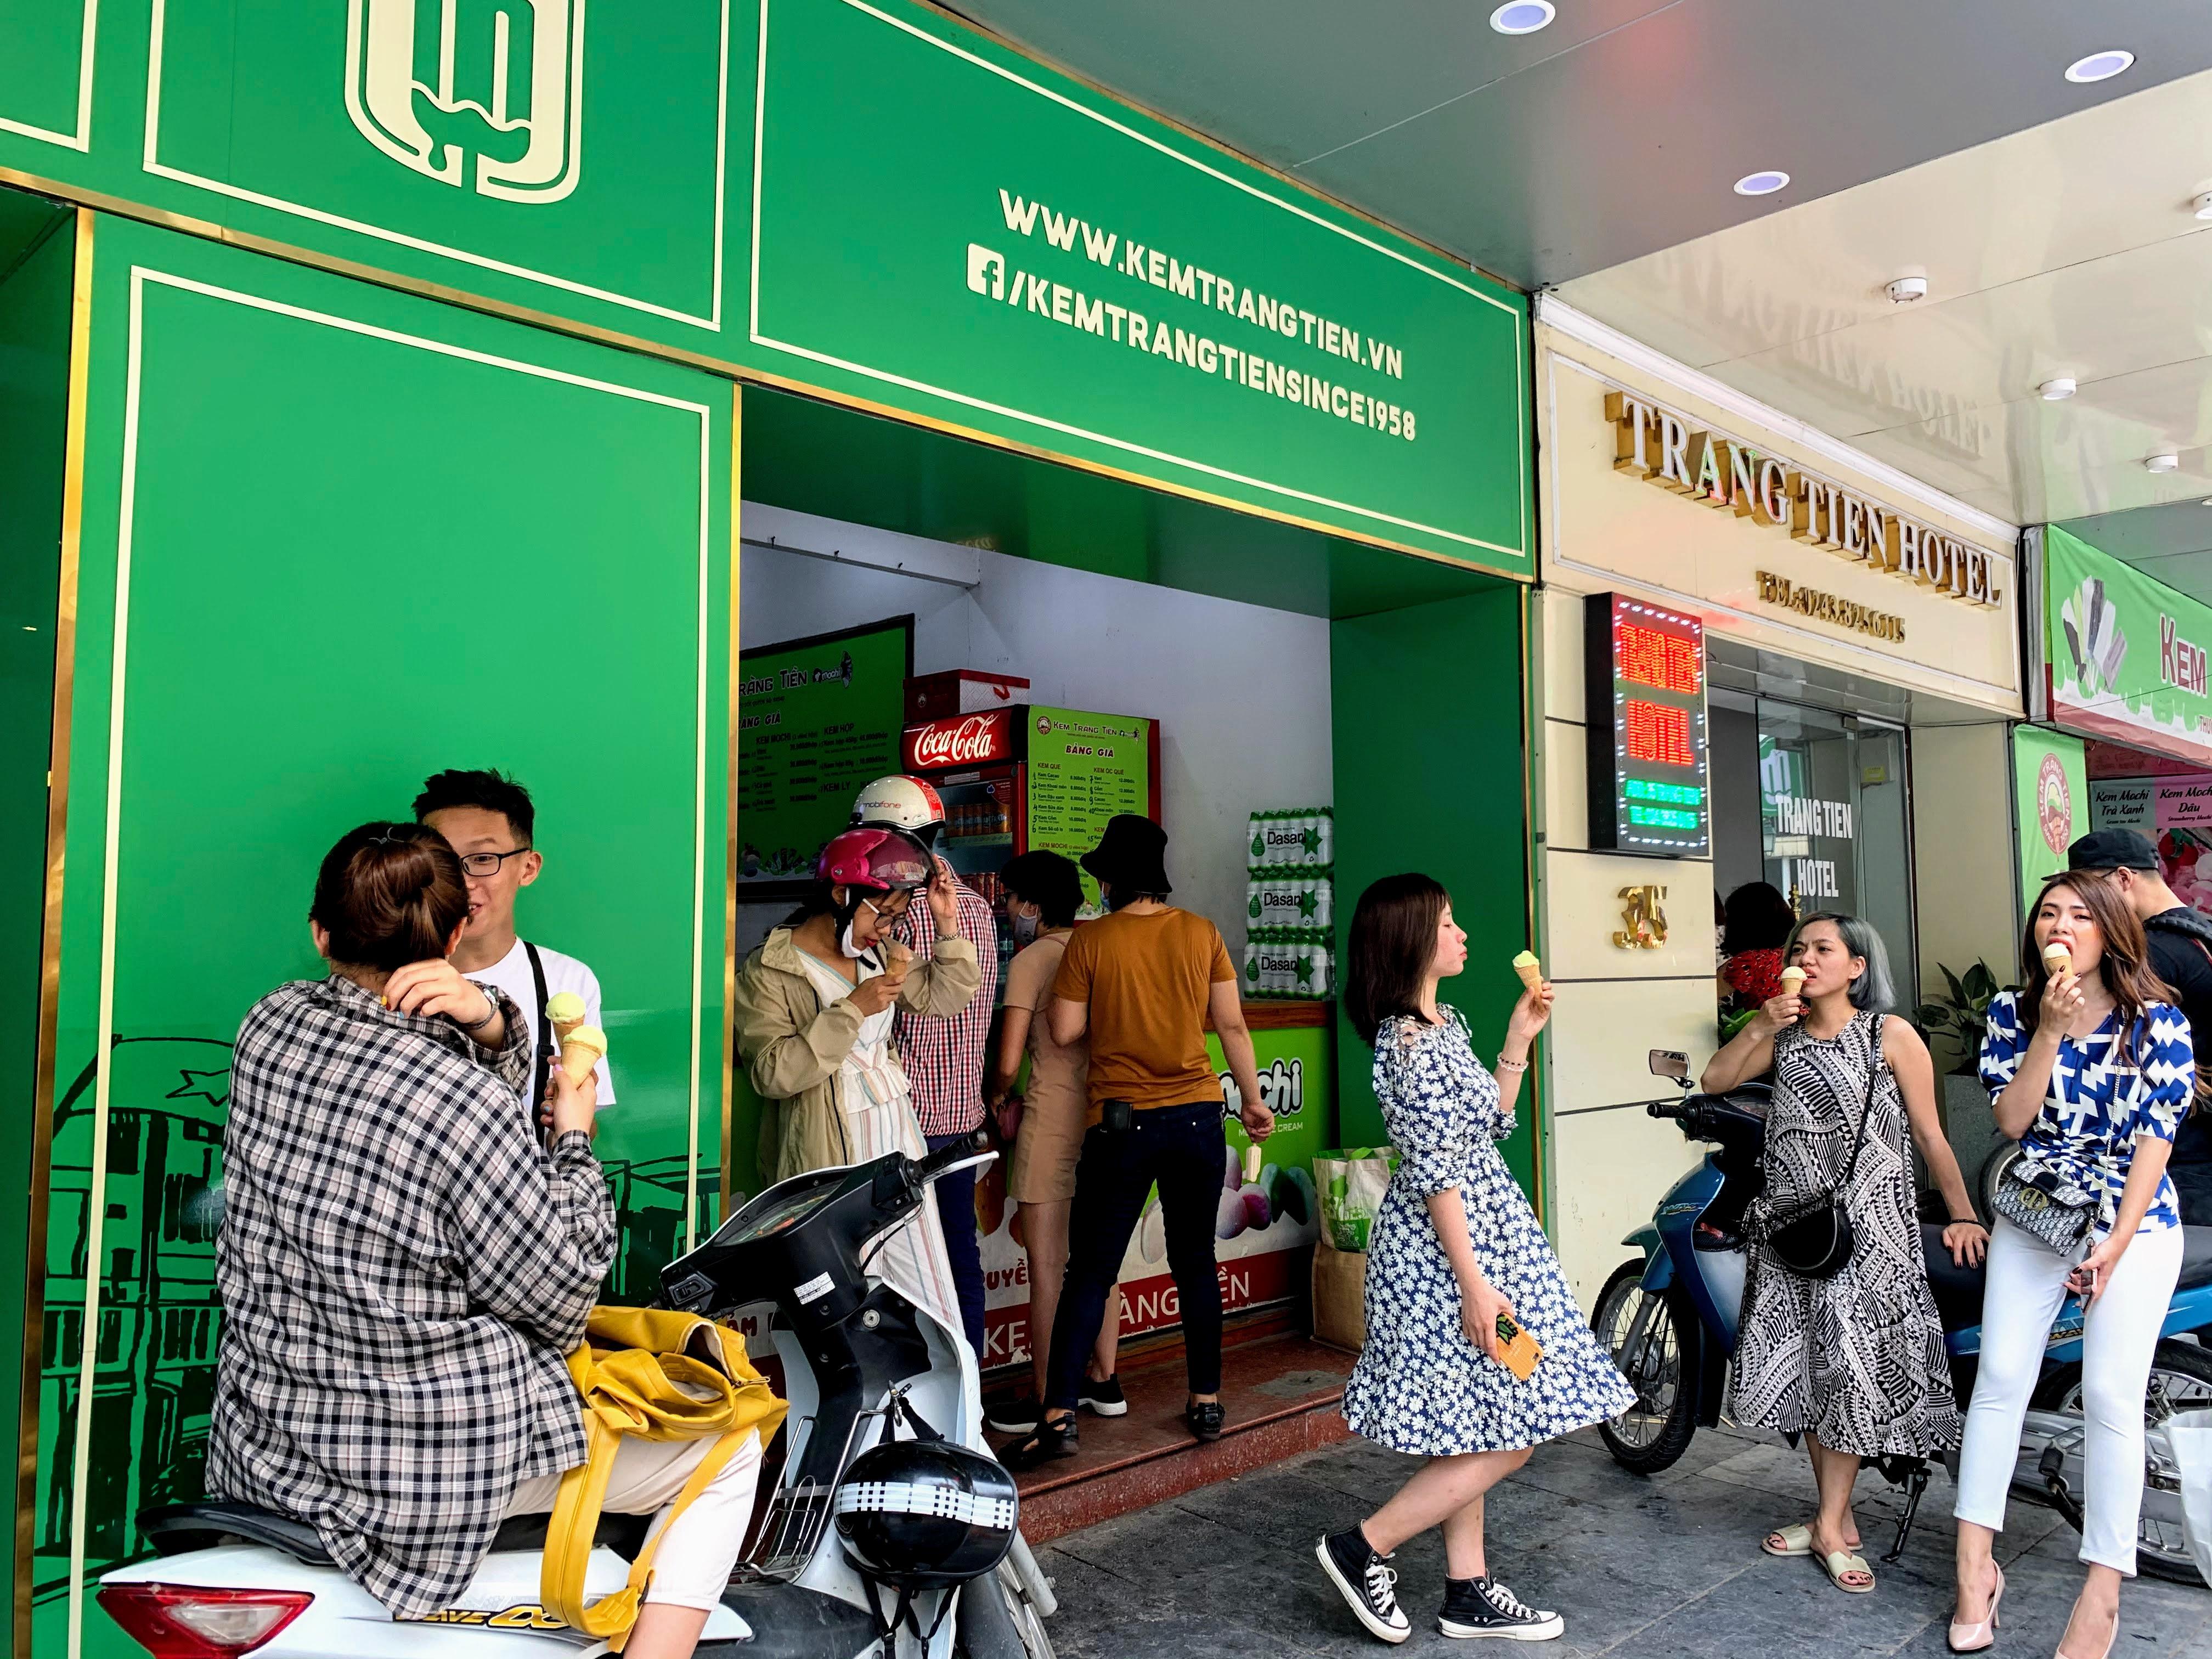 Sau đại dịch, Kem Tràng Tiền chi 10 tỉ đồng để lột xác hoá 'thiên nga' sang chảnh - Ảnh 17.